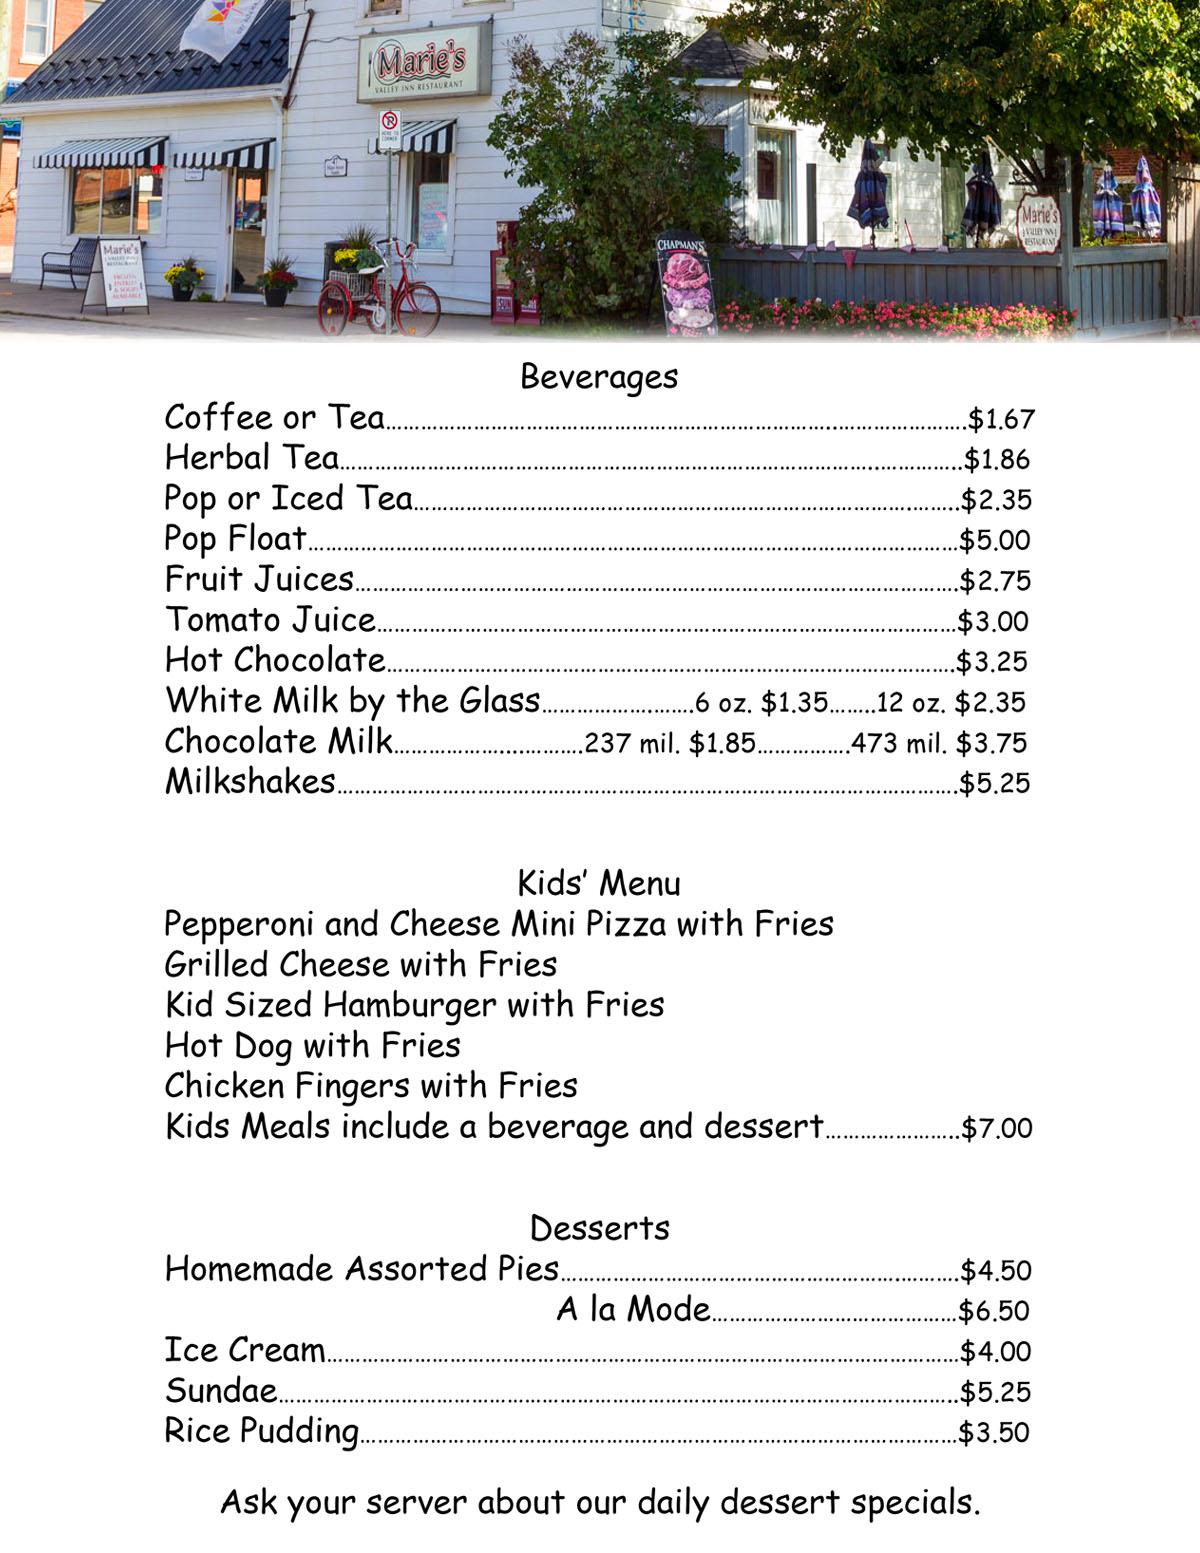 Maries Valley Inn Restaurant Beverage & Desert